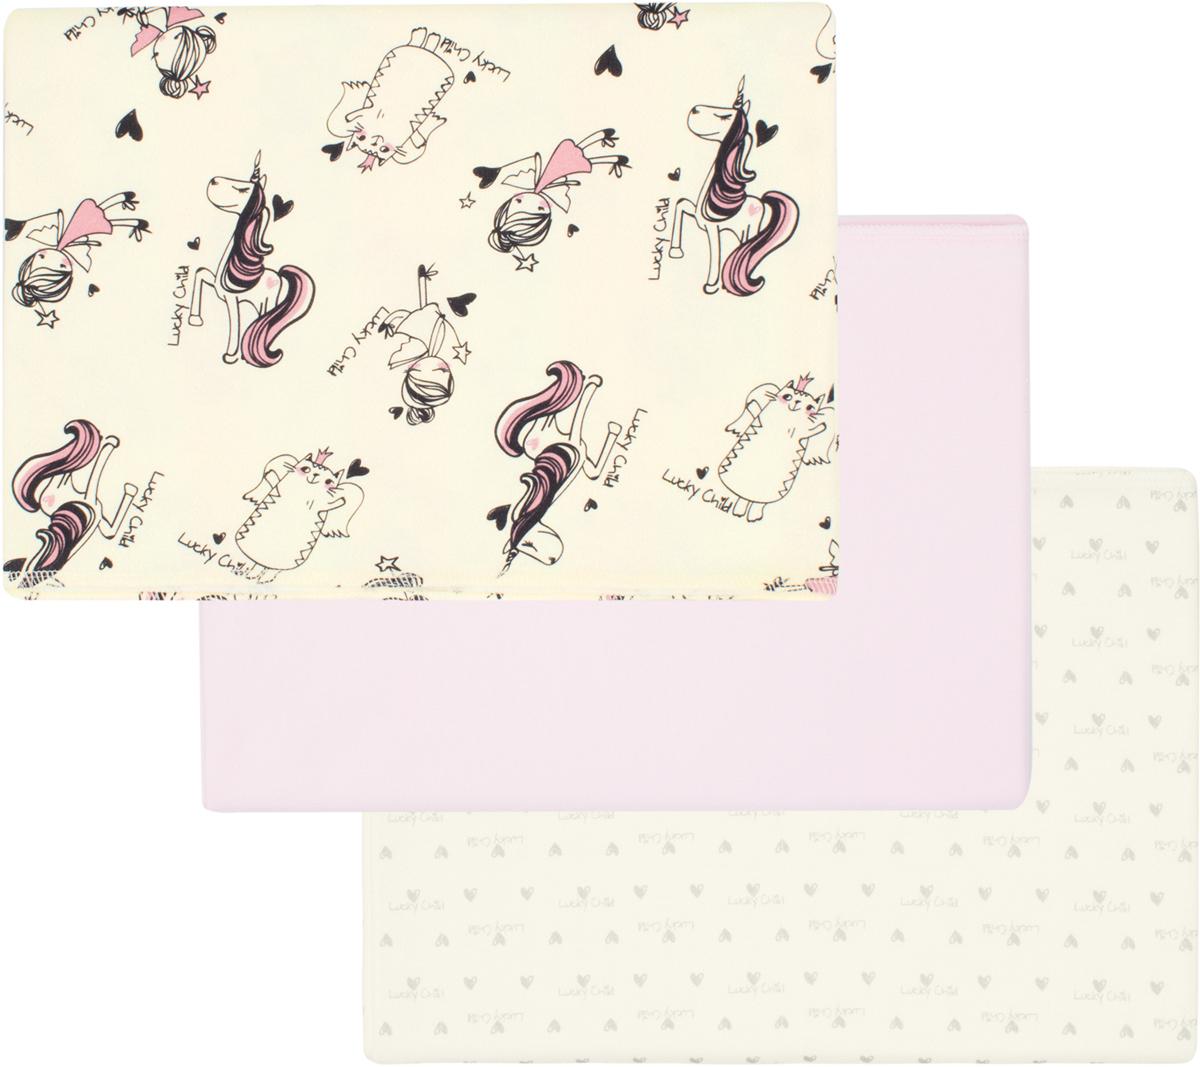 Пеленка текстильная детская Lucky Child, цвет: светло-бежевый. 30-9/3шт. Размер 12 х 8 см - Подгузники и пеленки